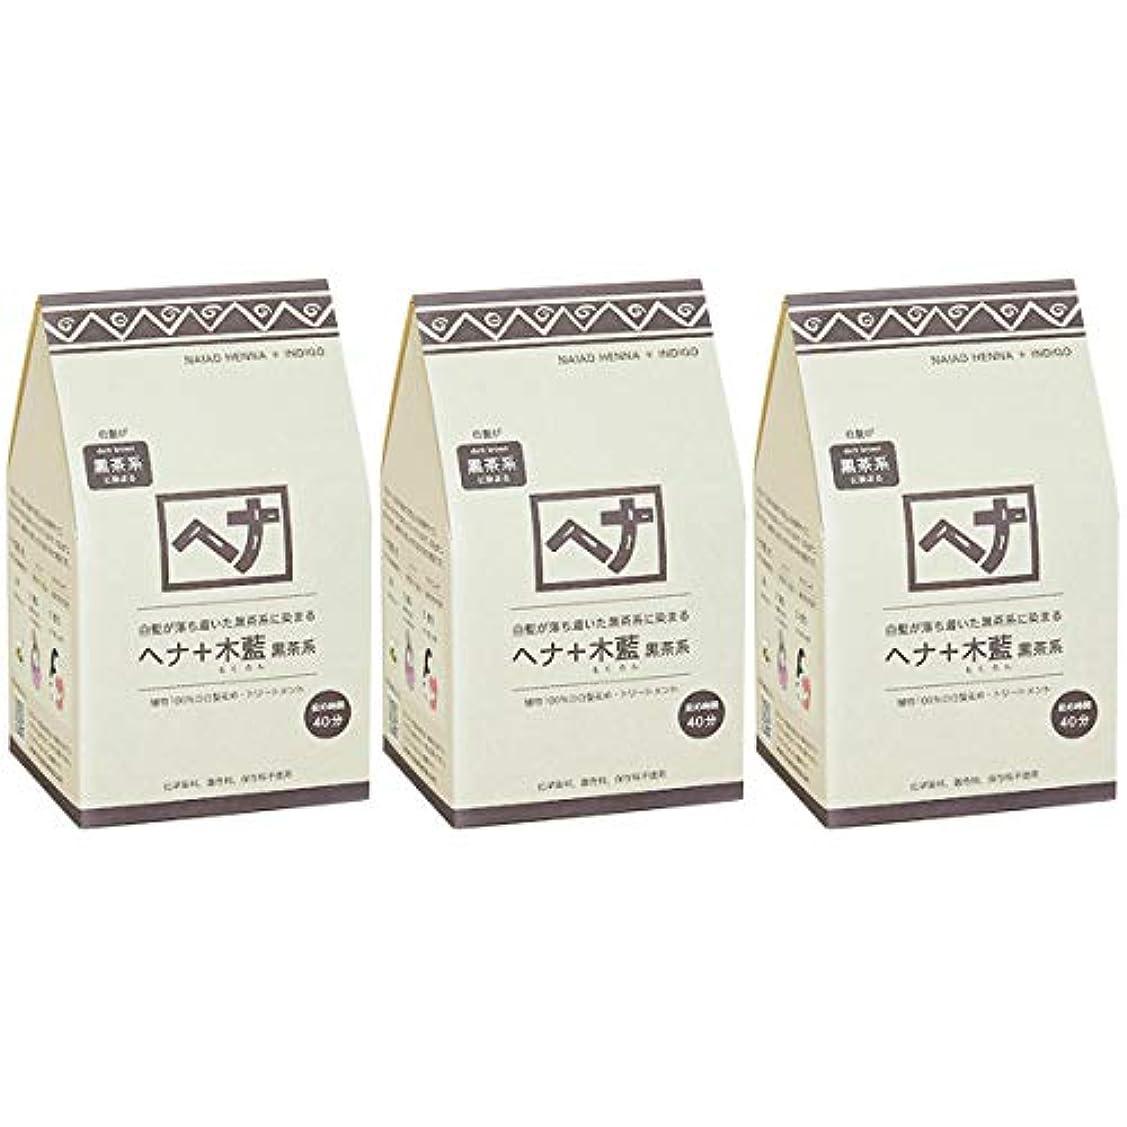 悪意のある登録するお尻ナイアード ヘナ + 木藍 黒茶系 白髪が落ち着いた黒茶系に染まる 400g 3個セット